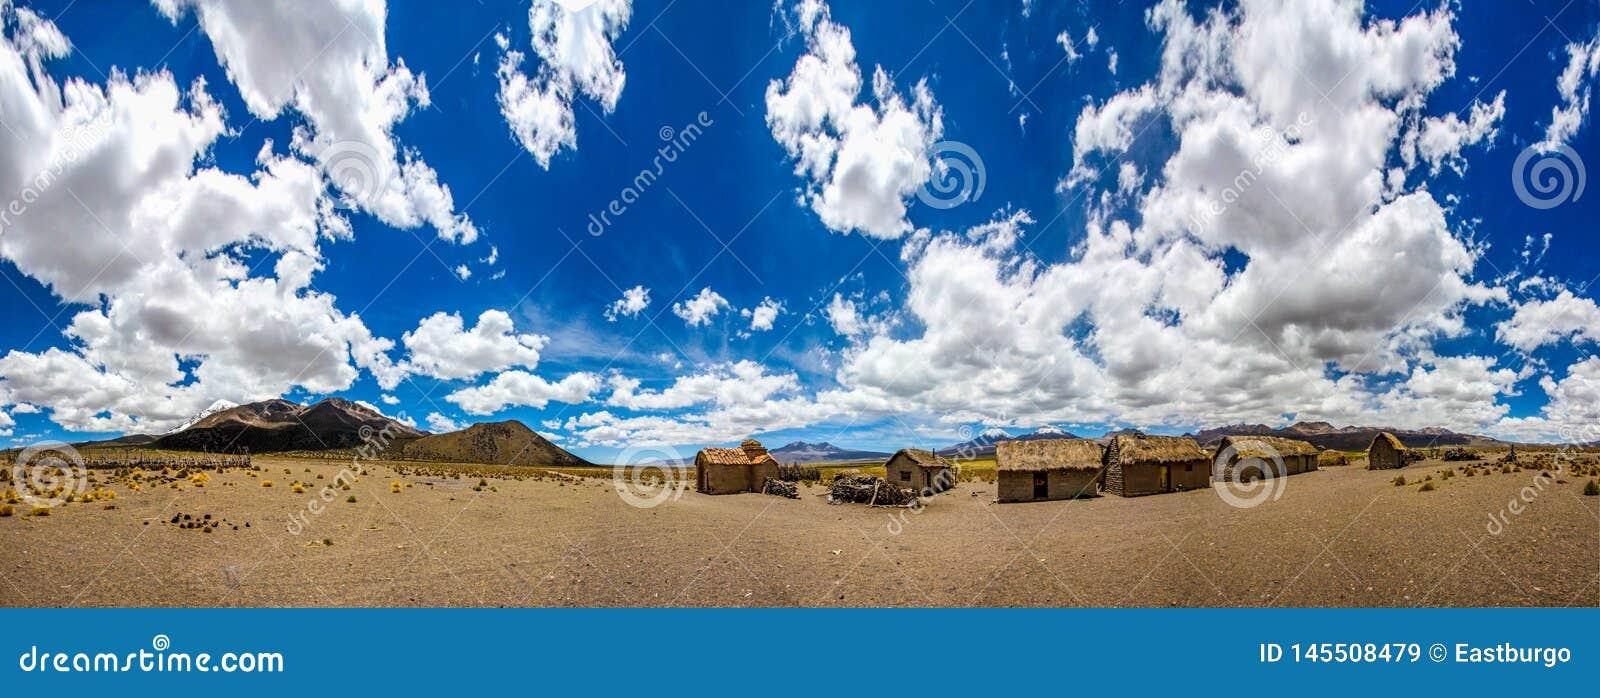 Panorama de uma vila de Famming do boliviano